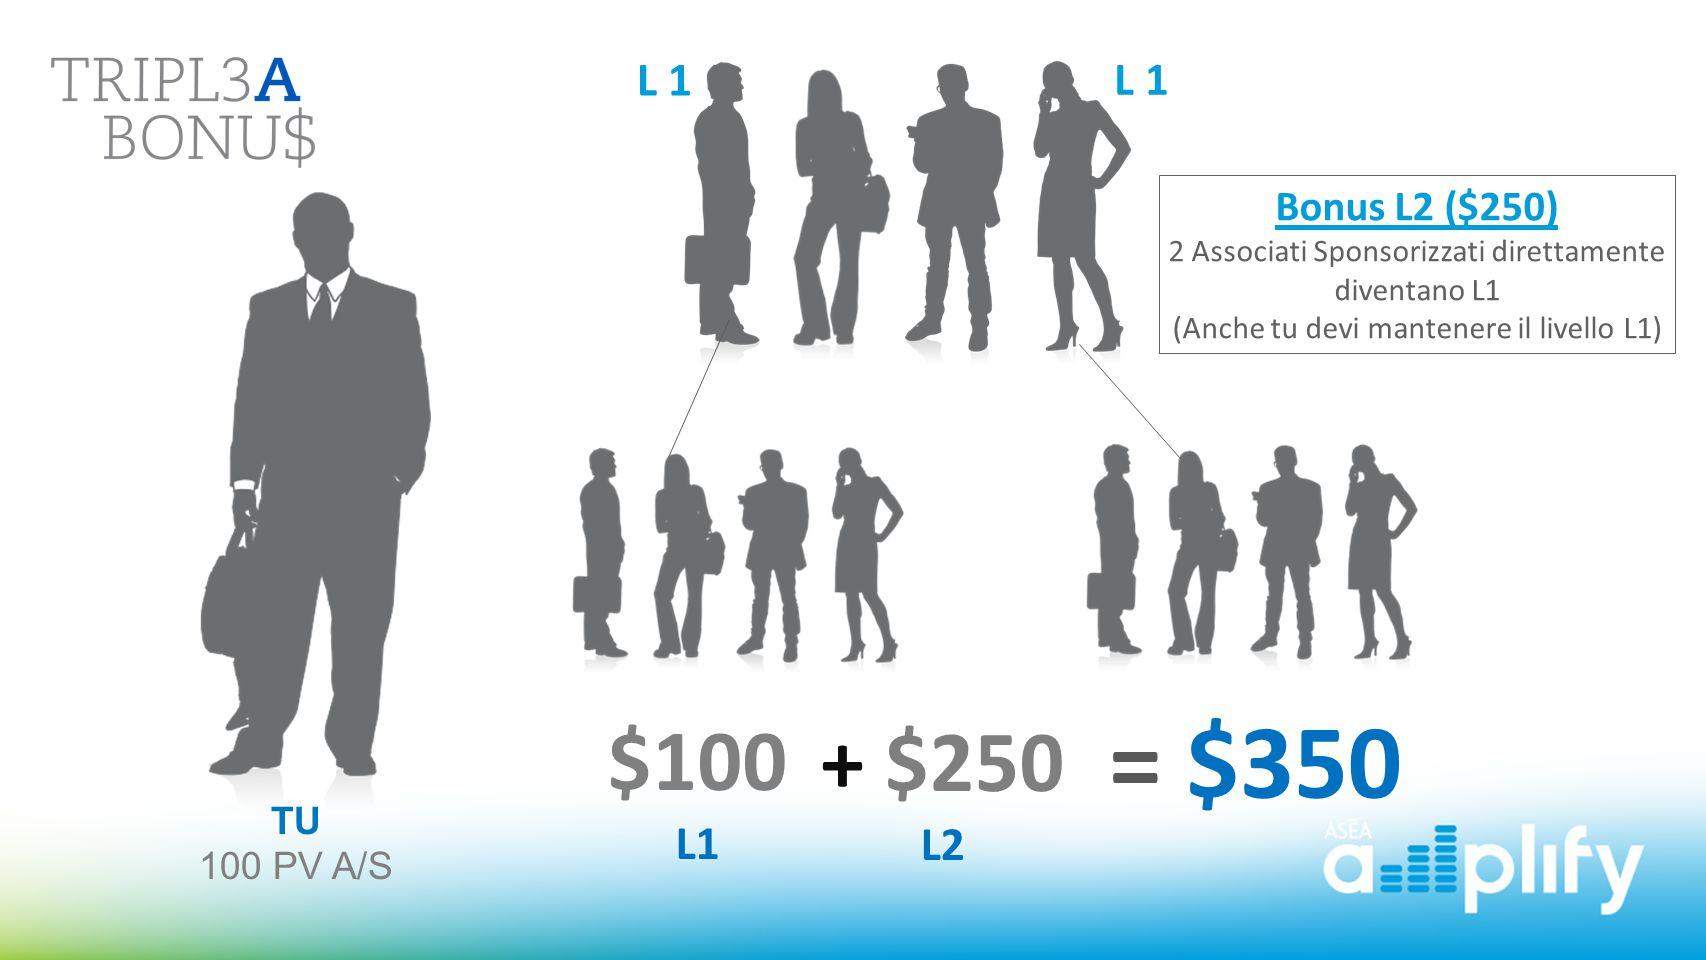 $100 L1 + $250 L2 = $350 Bonus L2 ($250) 2 Associati Sponsorizzati direttamente diventano L1 (Anche tu devi mantenere il livello L1) TU 100 PV A/S L 1